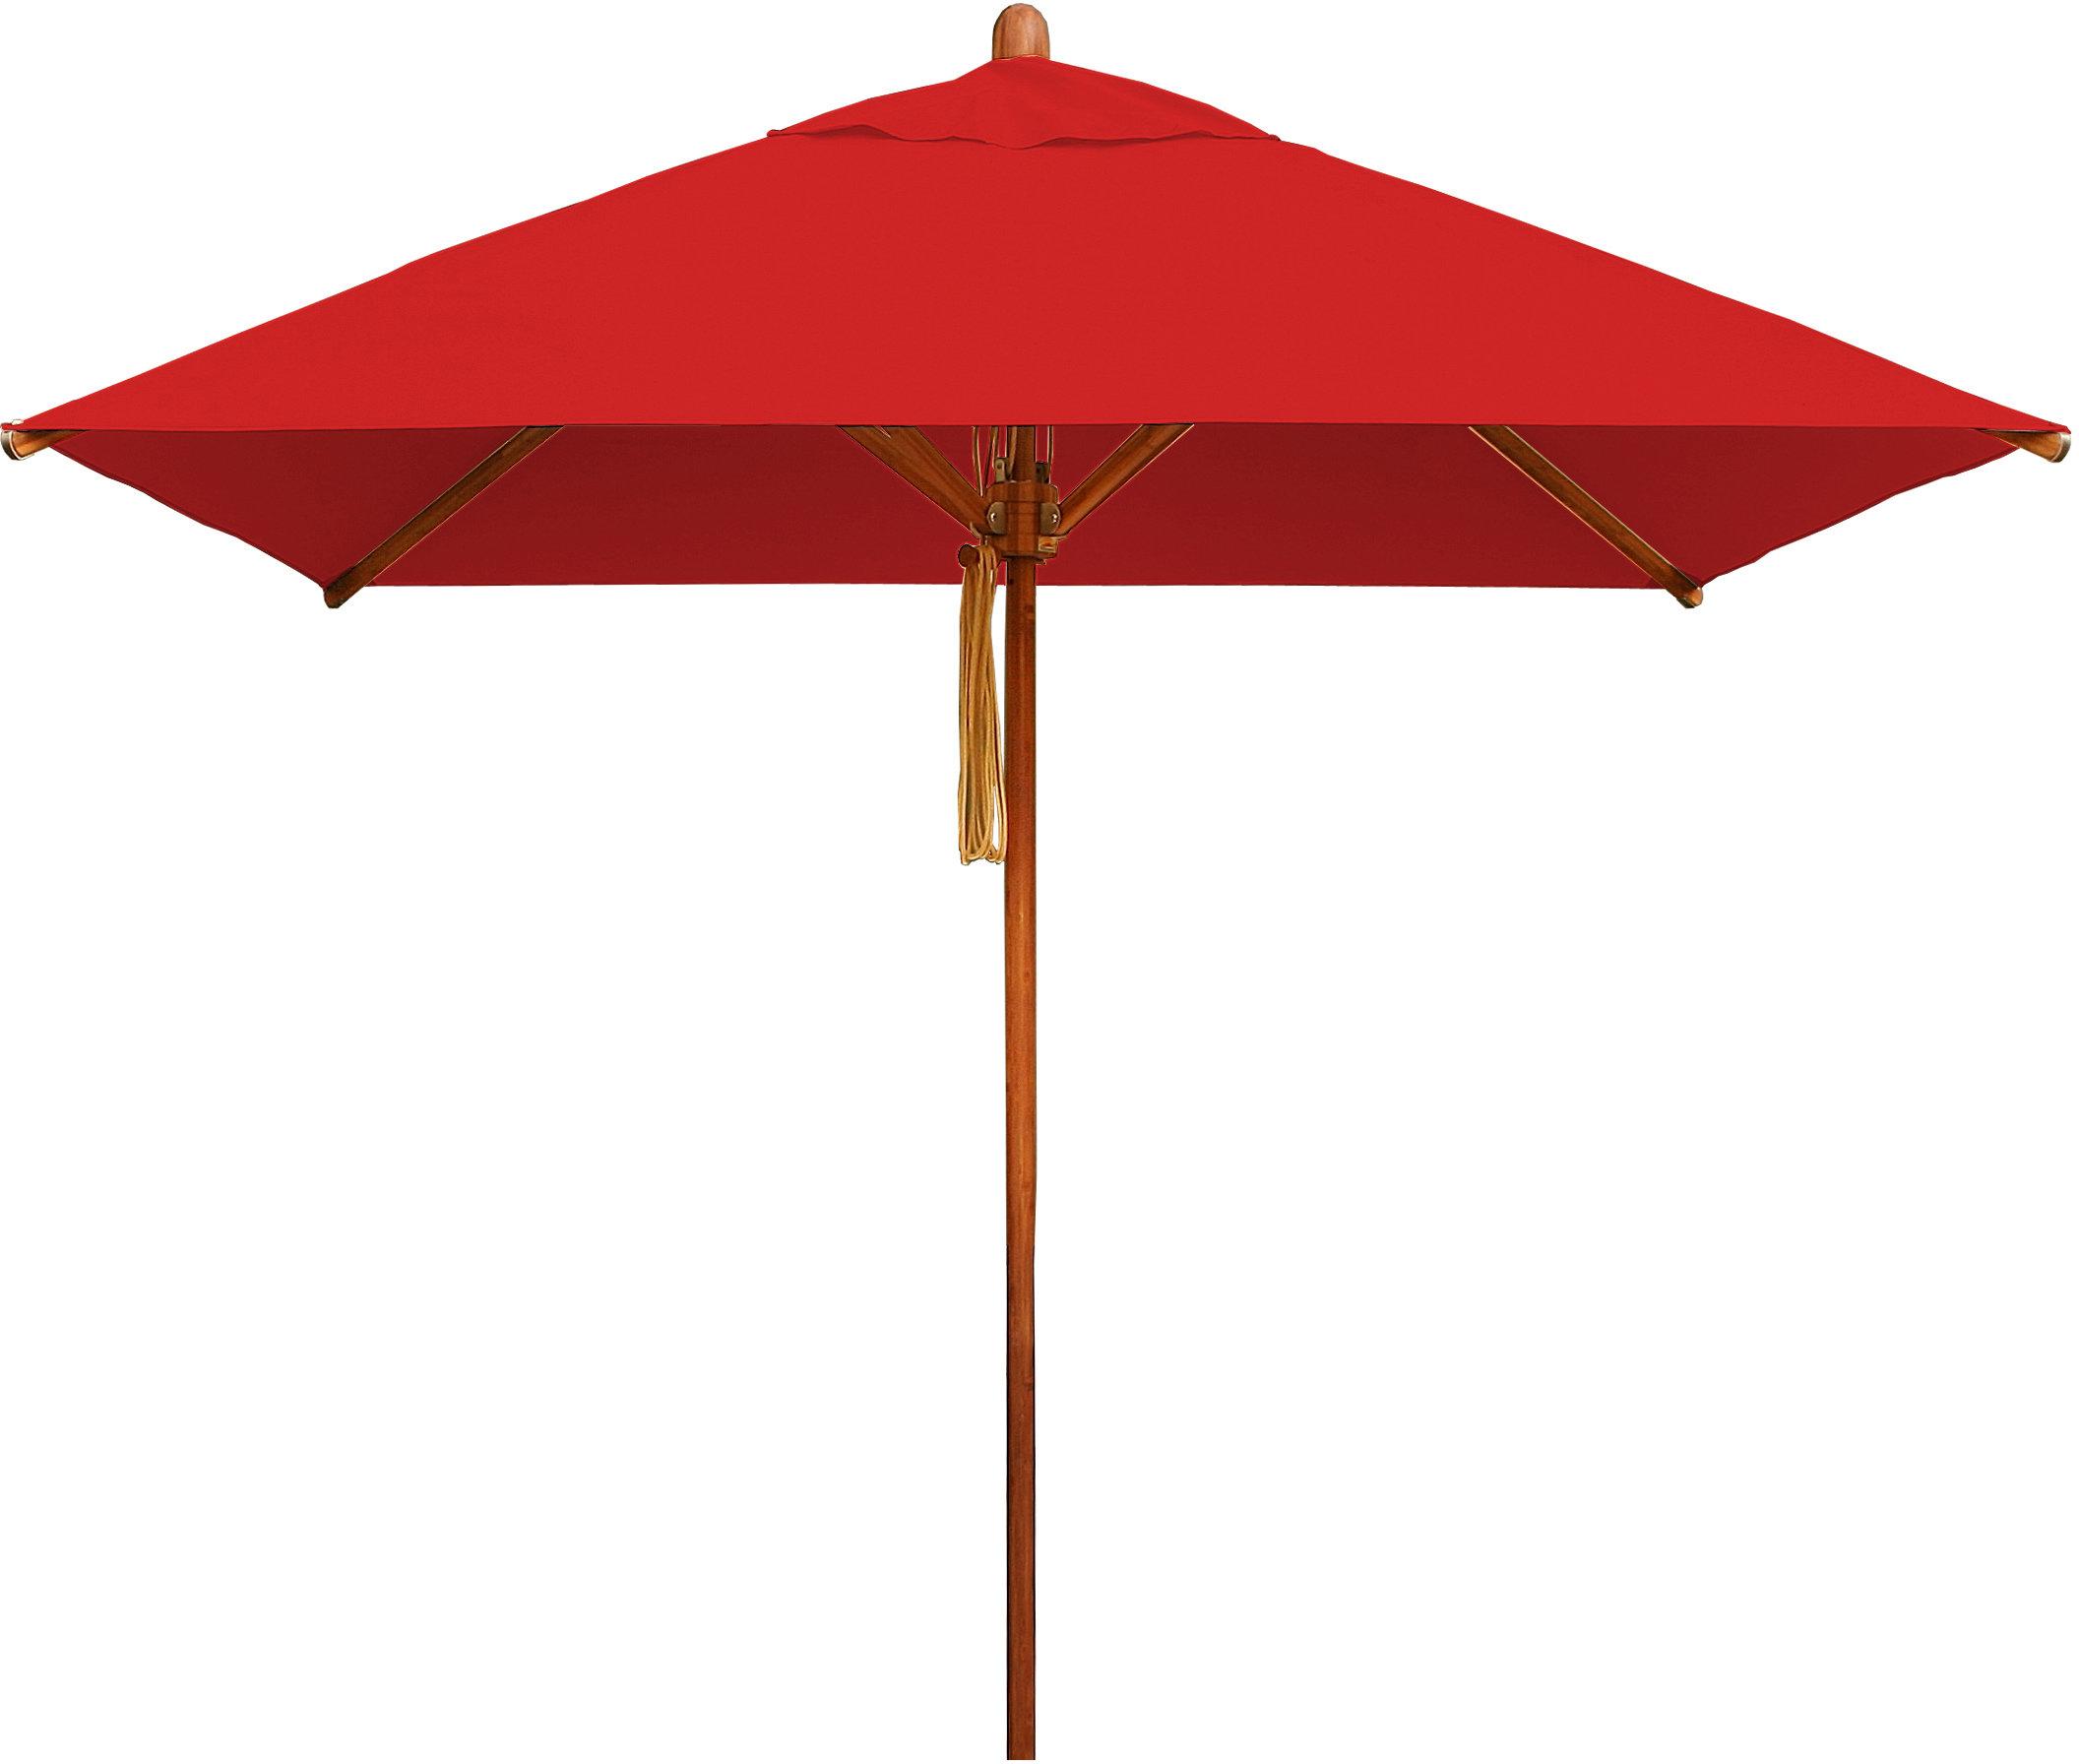 Preferred Bambrella Levante 7' Square Market Umbrella For Hurt Market Umbrellas (View 15 of 20)